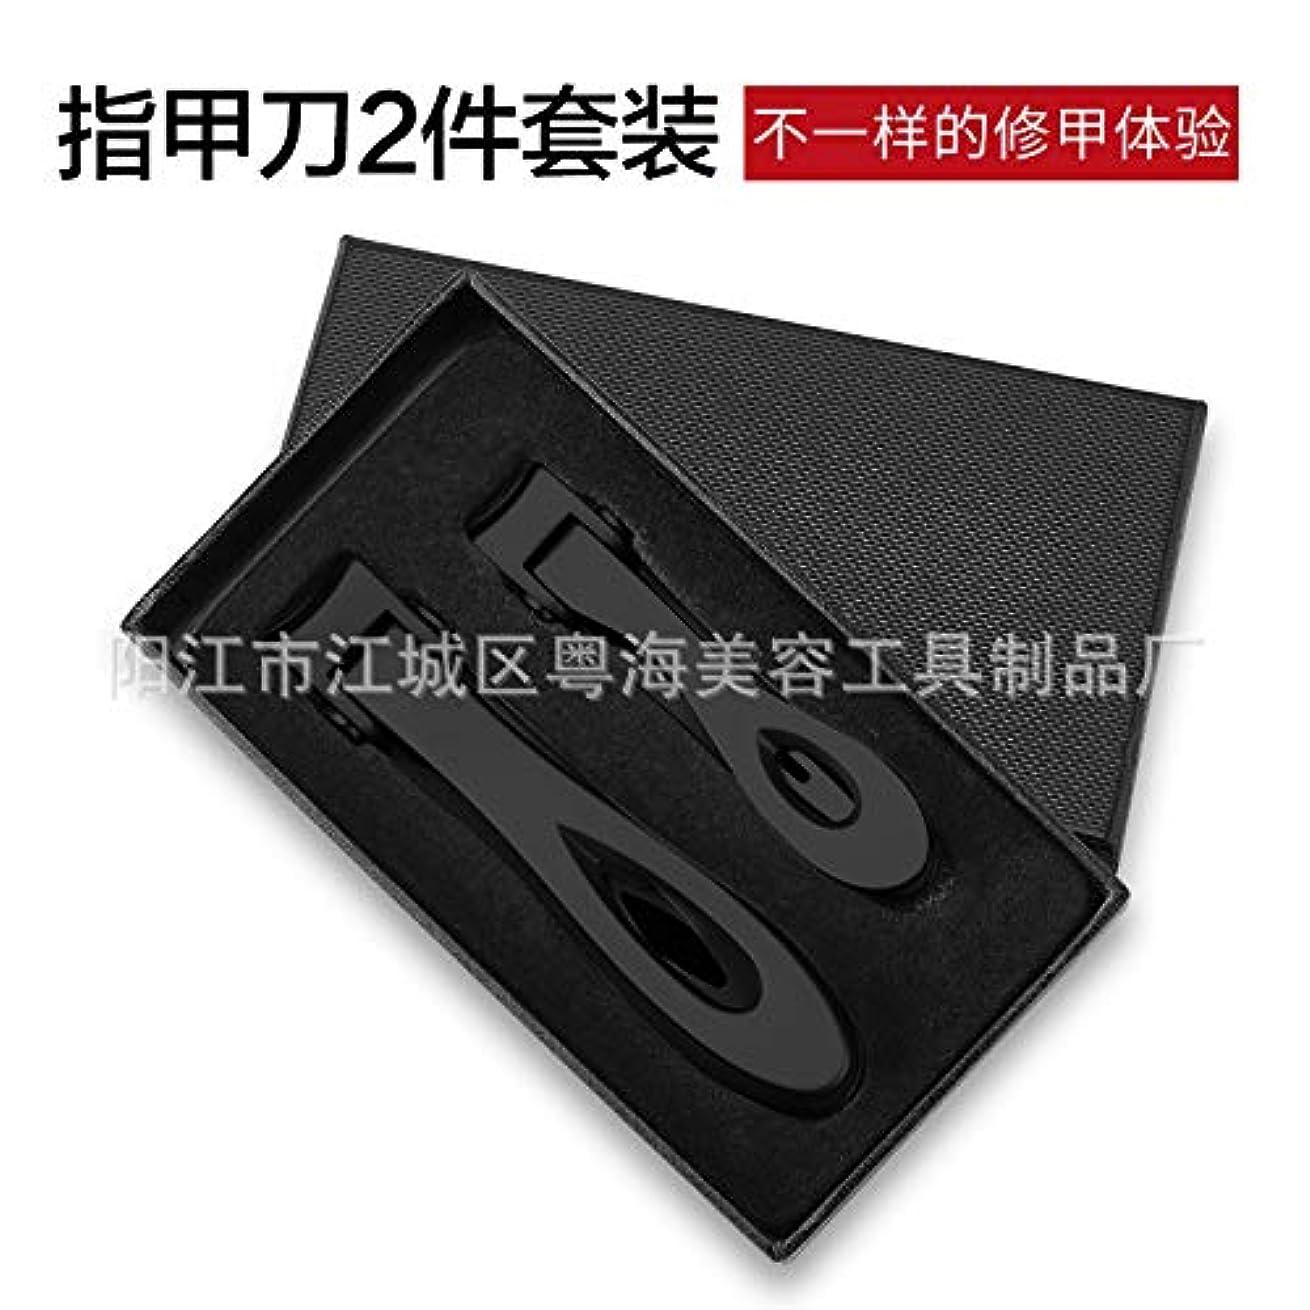 イースター体現するジャム2セットの大きくて厚い爪切りの卸売ステンレス鋼爪切りセットセット